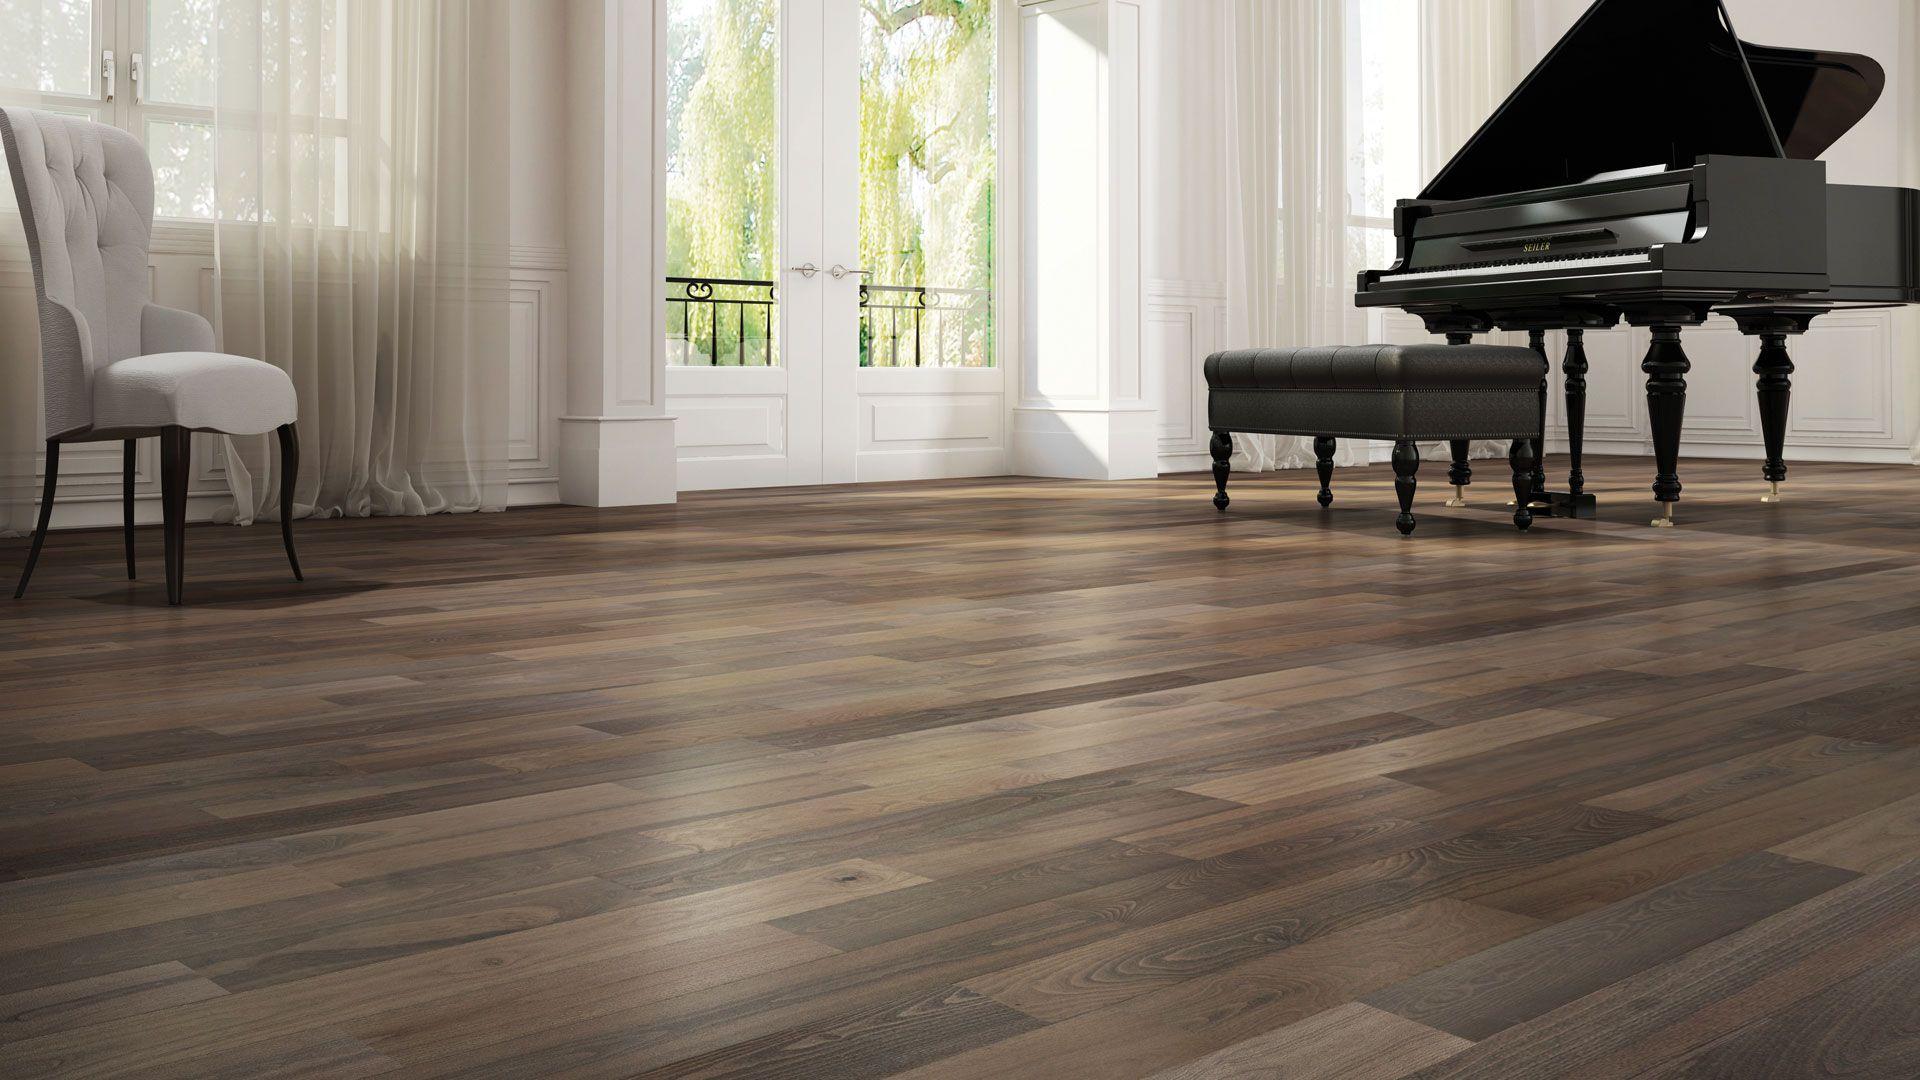 Latest 3 Hardwood Flooring Trends Hardwood Floors Hardwood